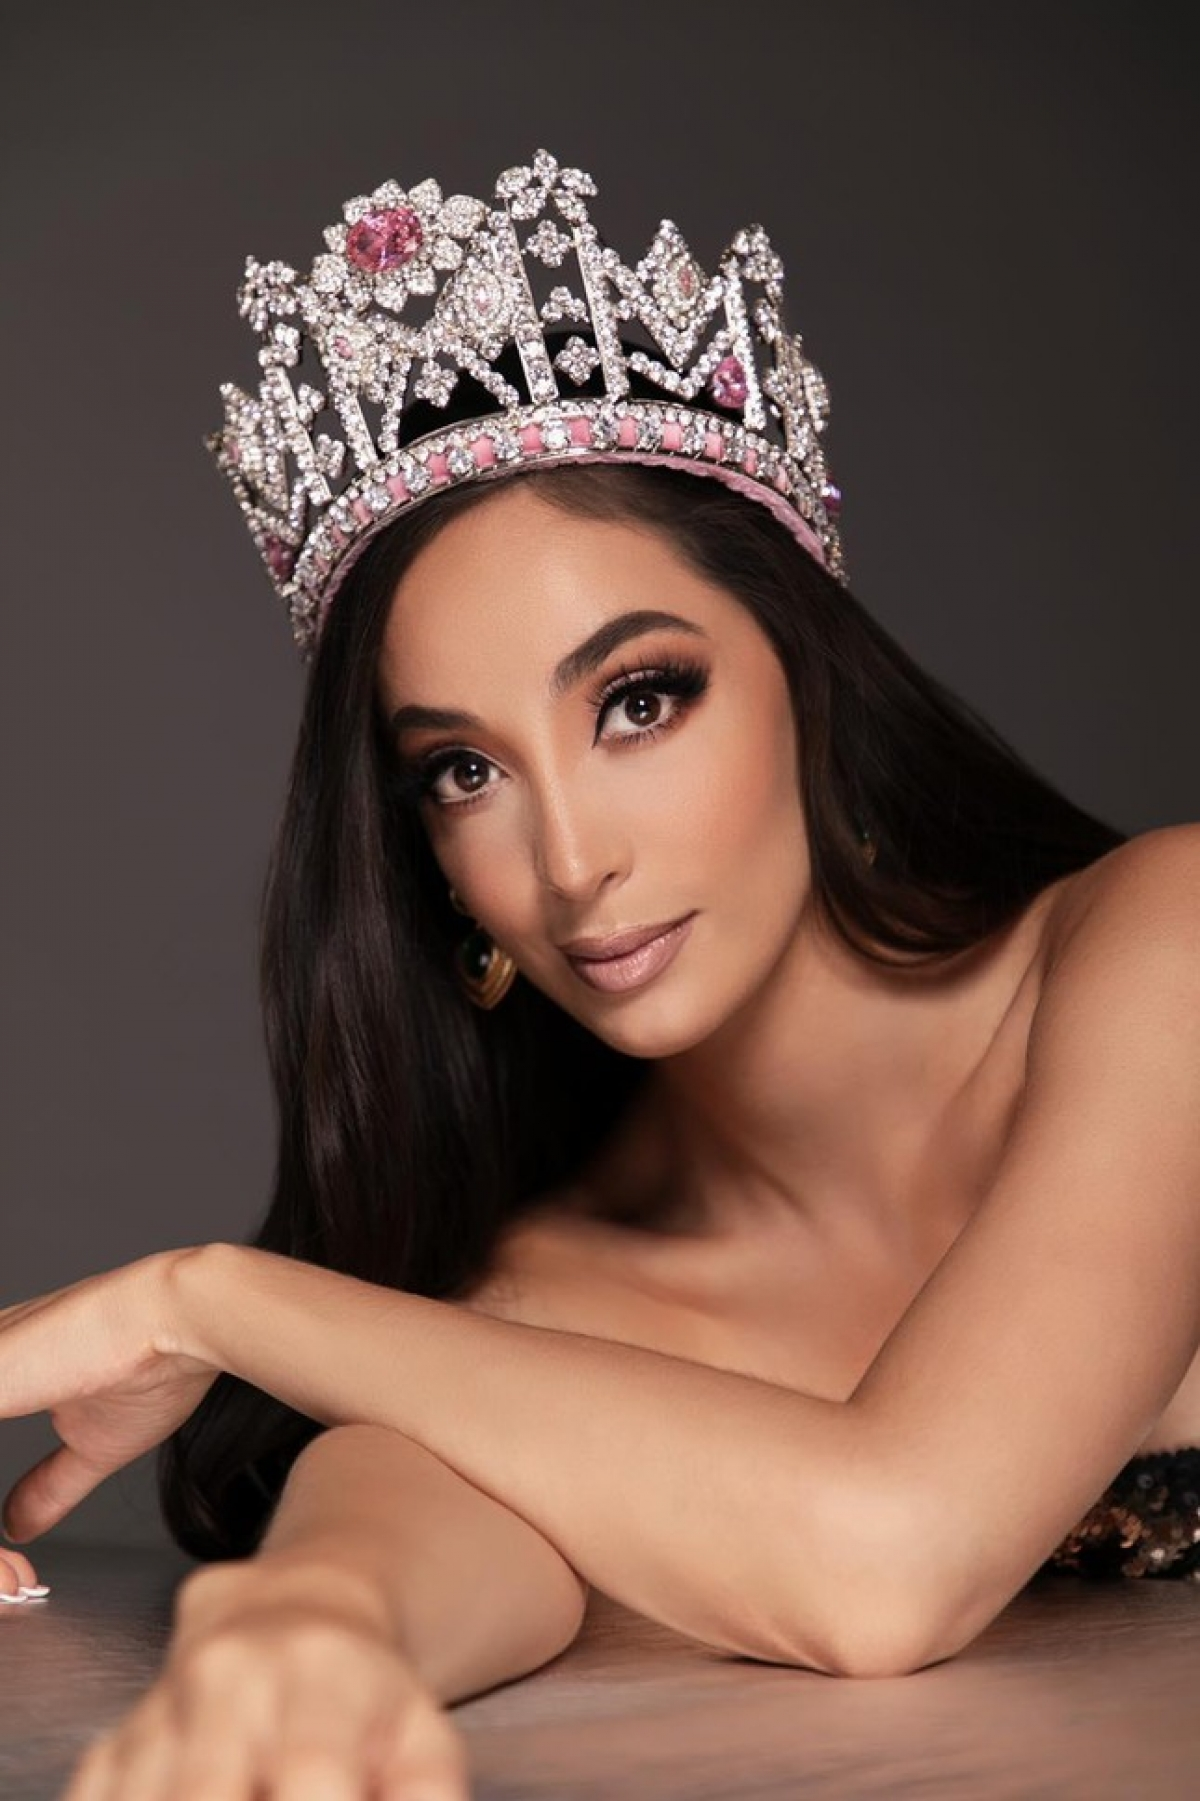 Eloísa Gutiérrez Rendón vừa được bổ nhiệm trở thành Hoa hậu Hoà bình Bolivia 2021. Cô sẽ đại diện quốc gia này dự thi Miss Grand International 2021 được tổ chức tại Thái Lan vào cuối năm nay.